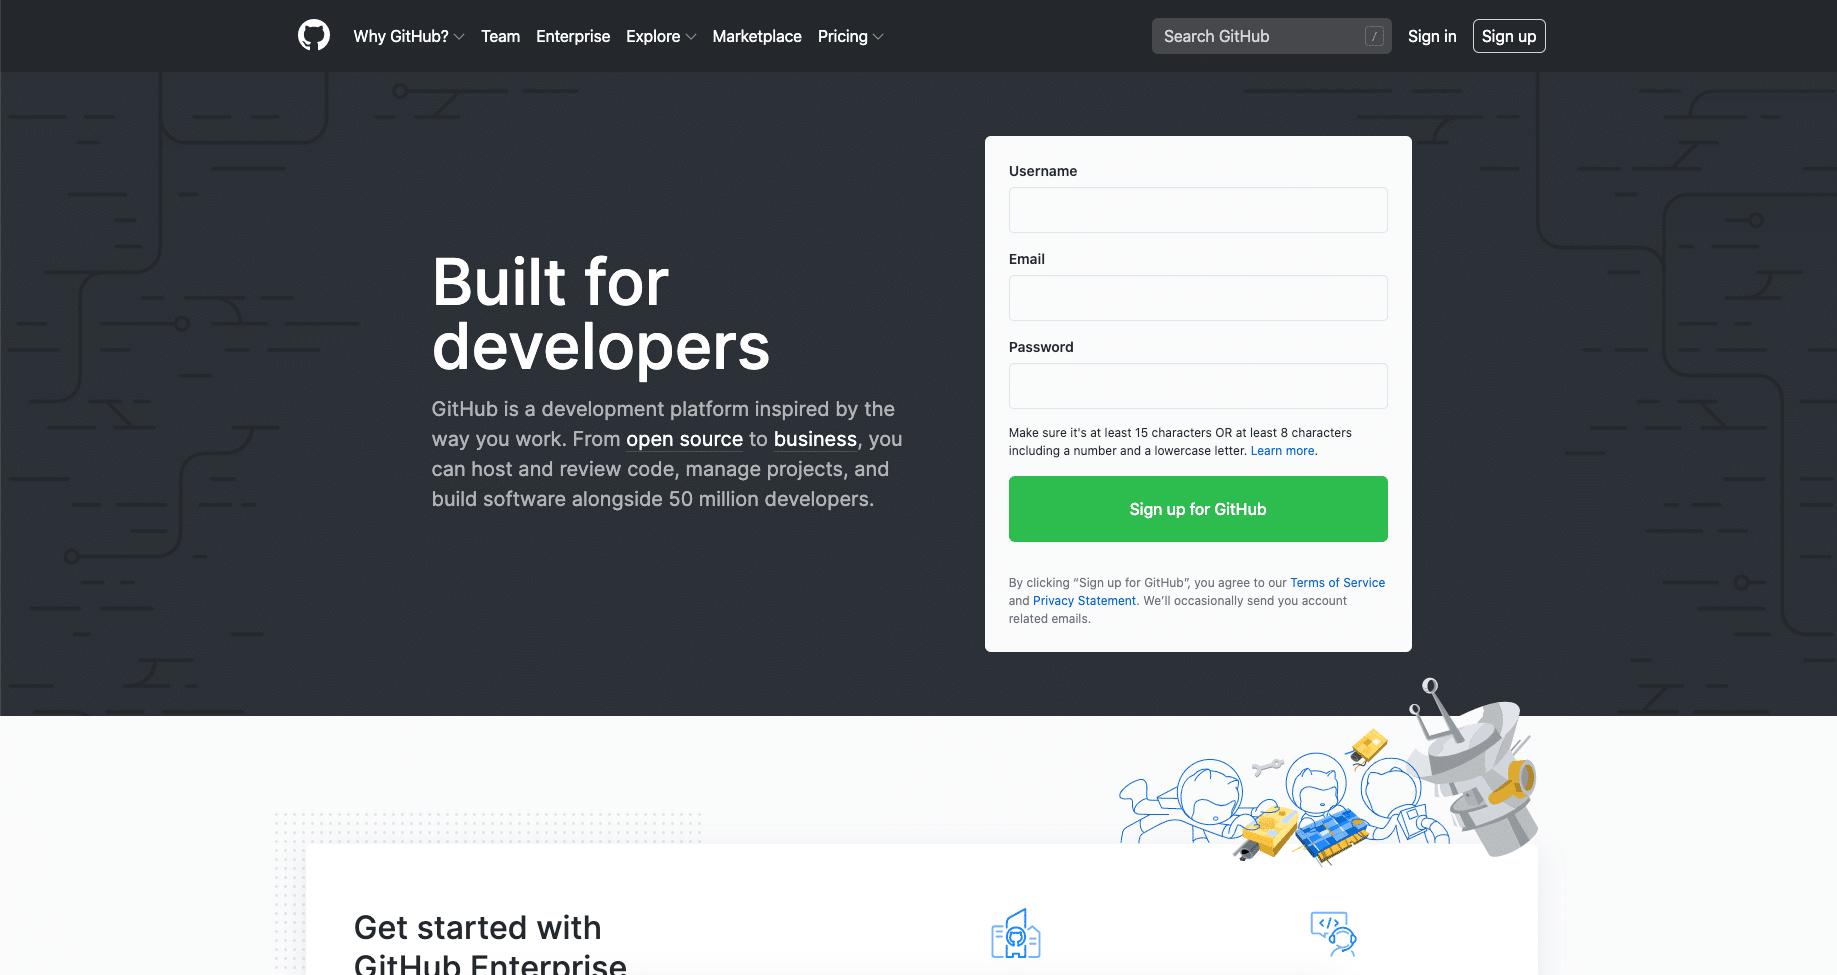 La page d'accueil du site GitHub